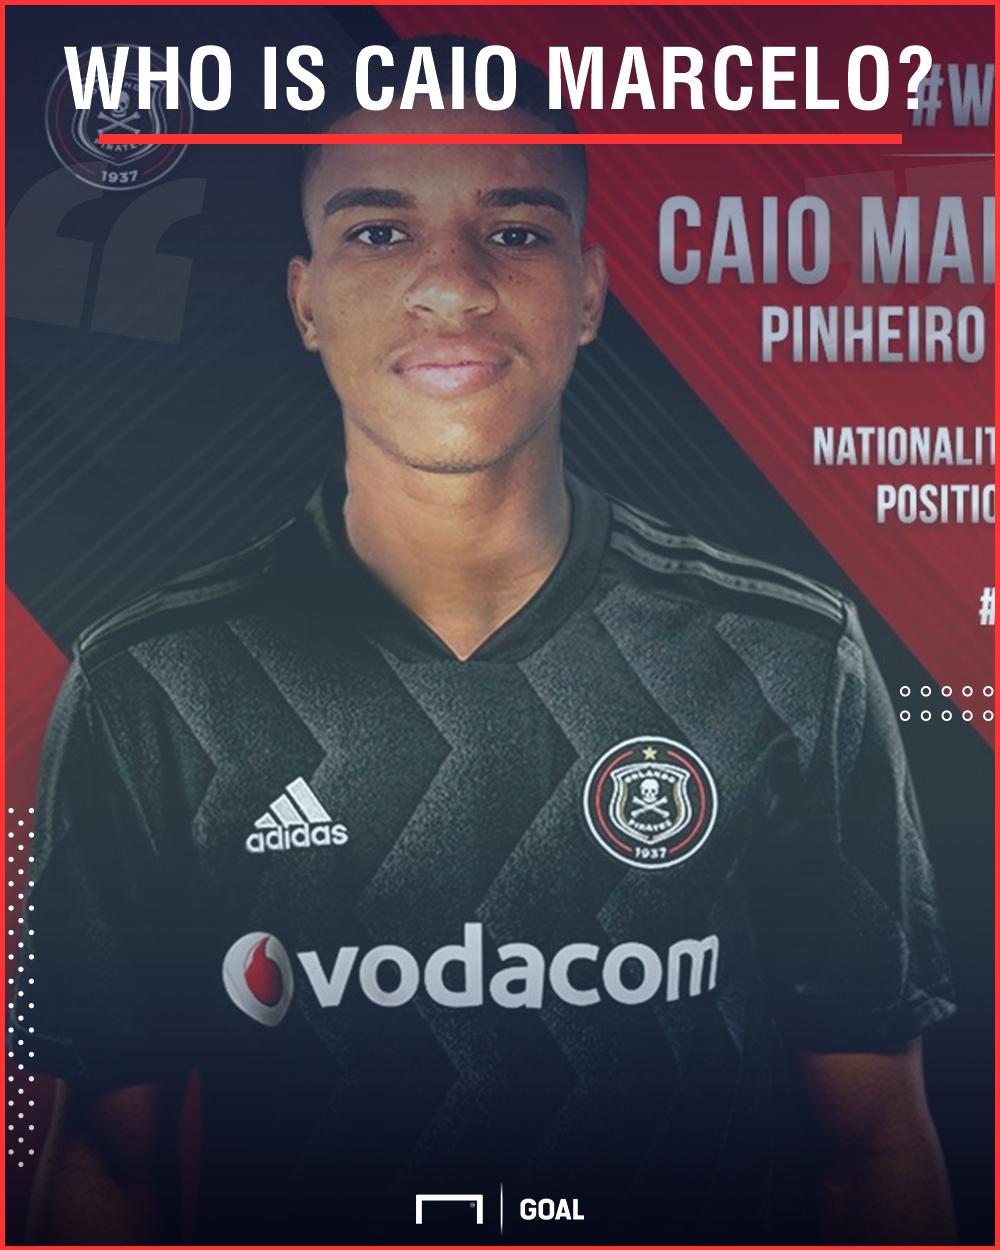 Caio Marcelo PS